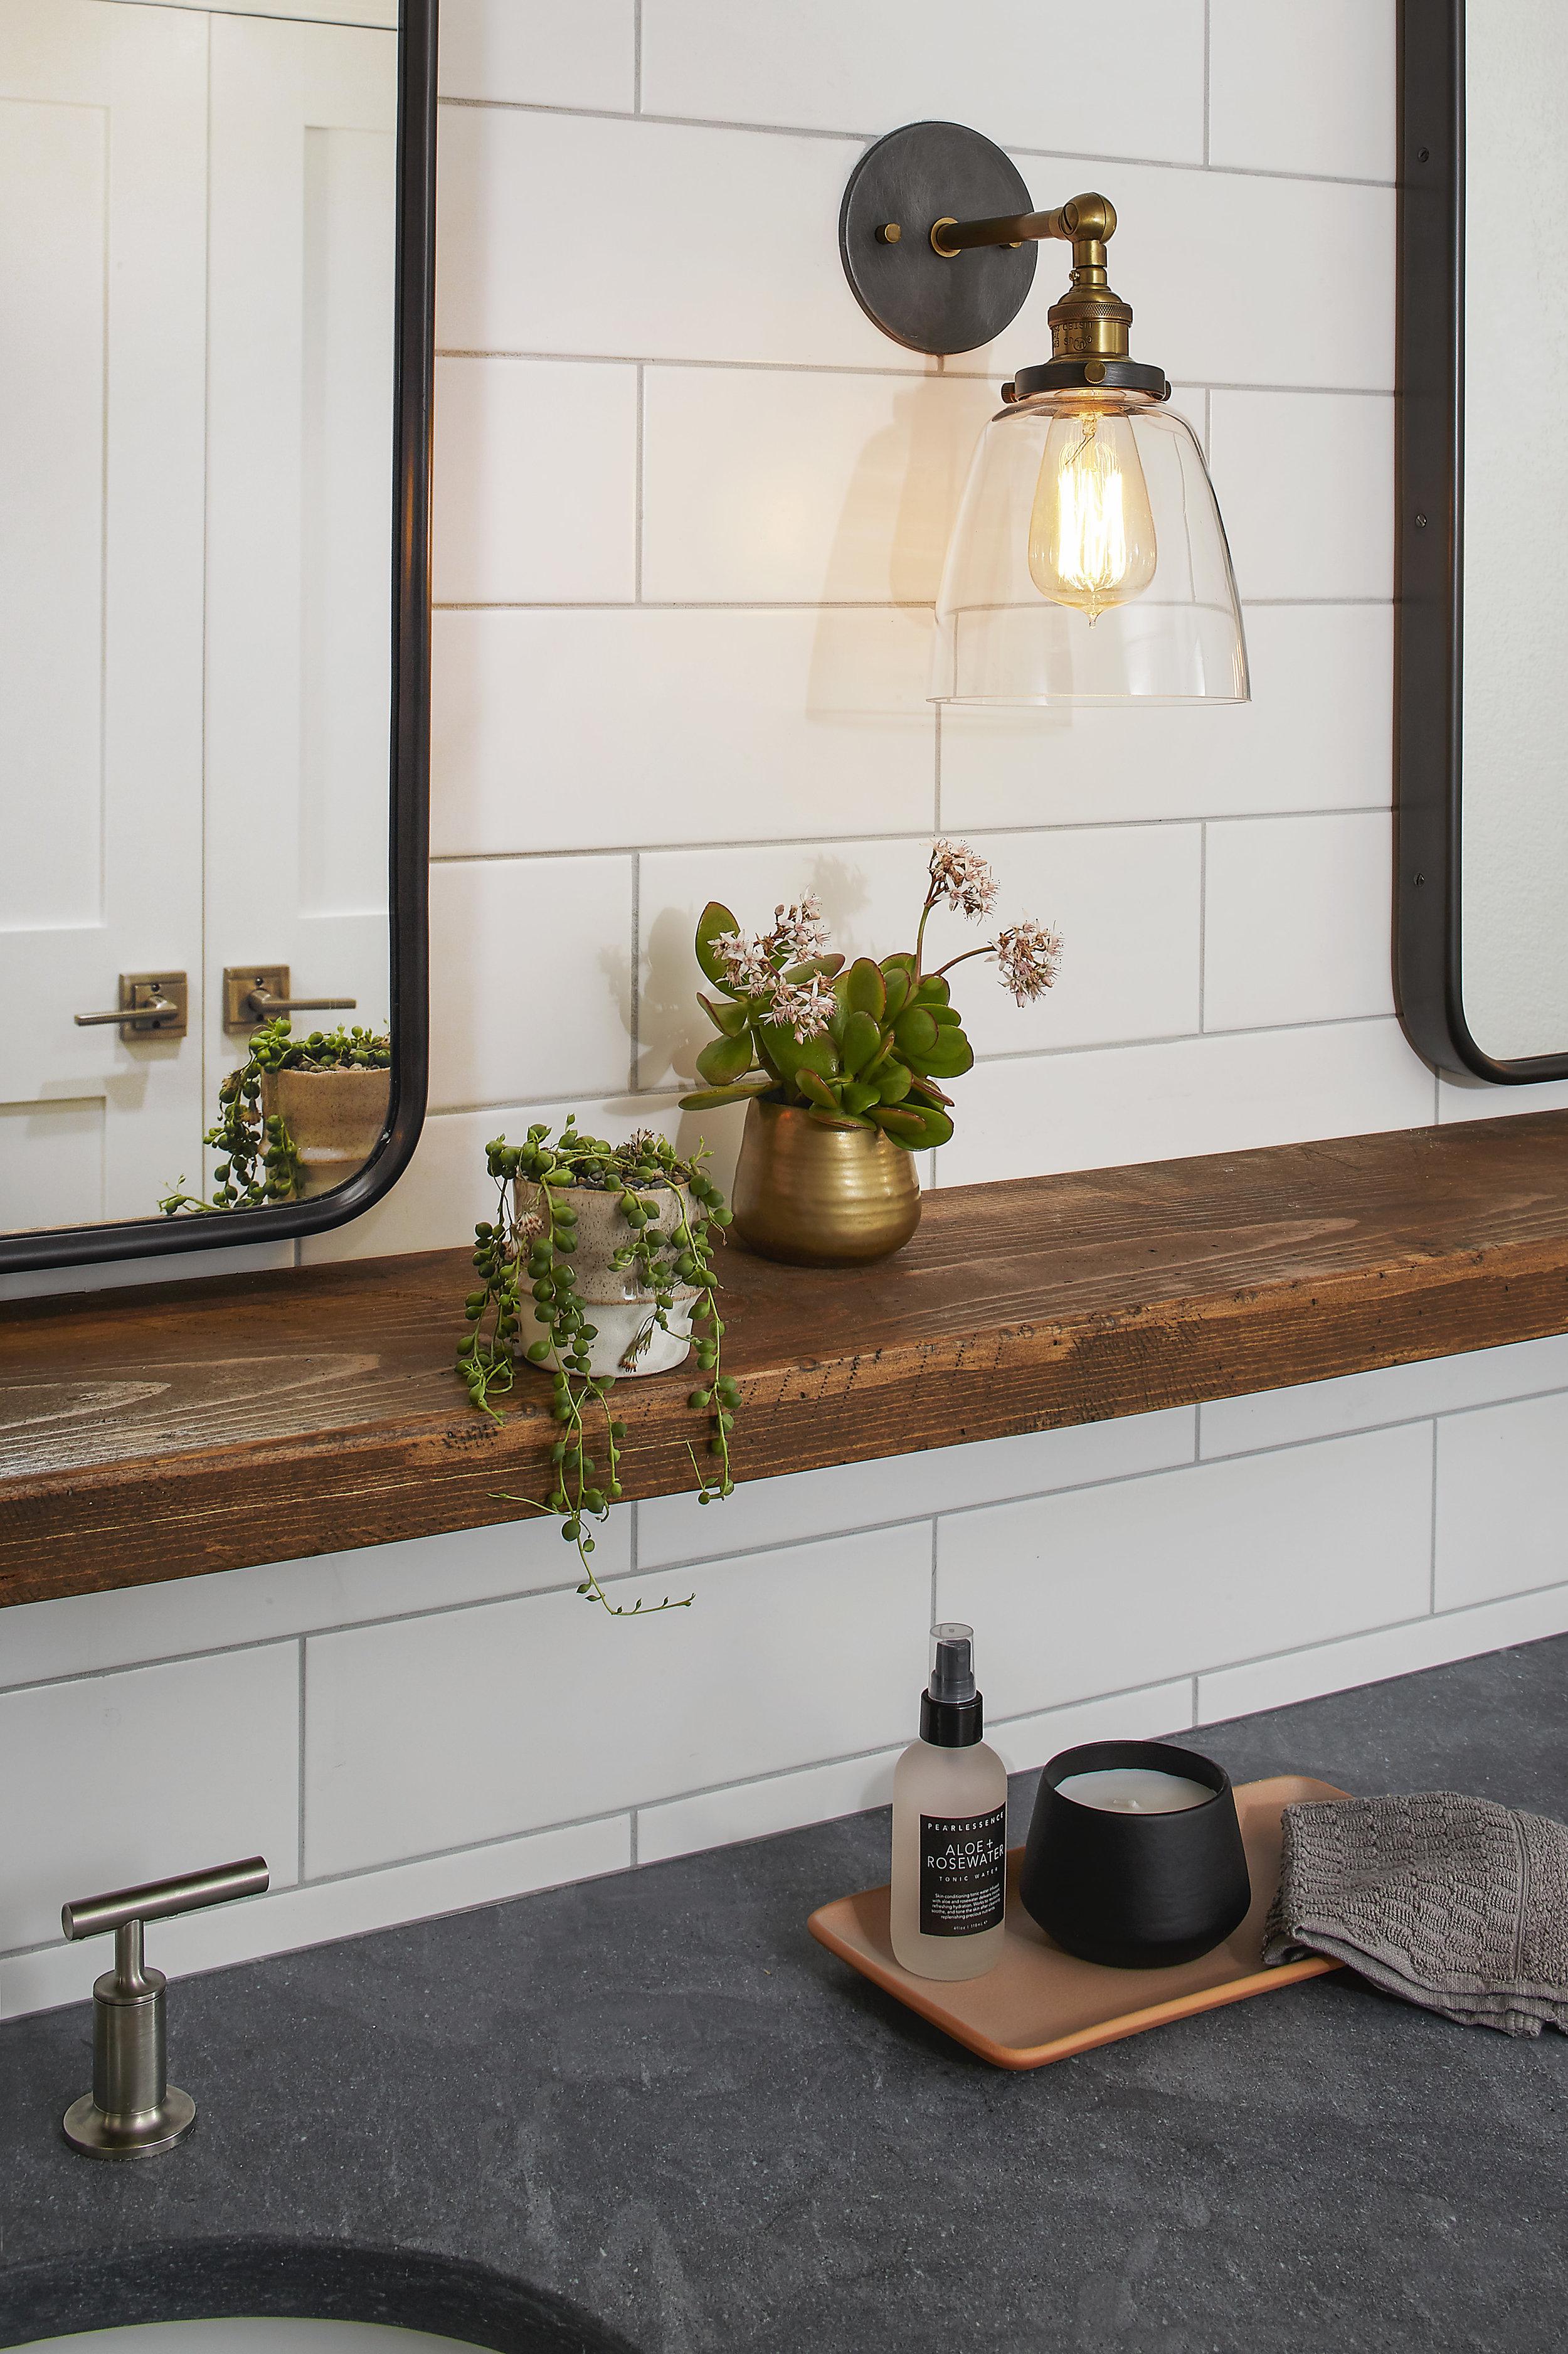 DM_BlueMount Bathroom_2xF.jpg